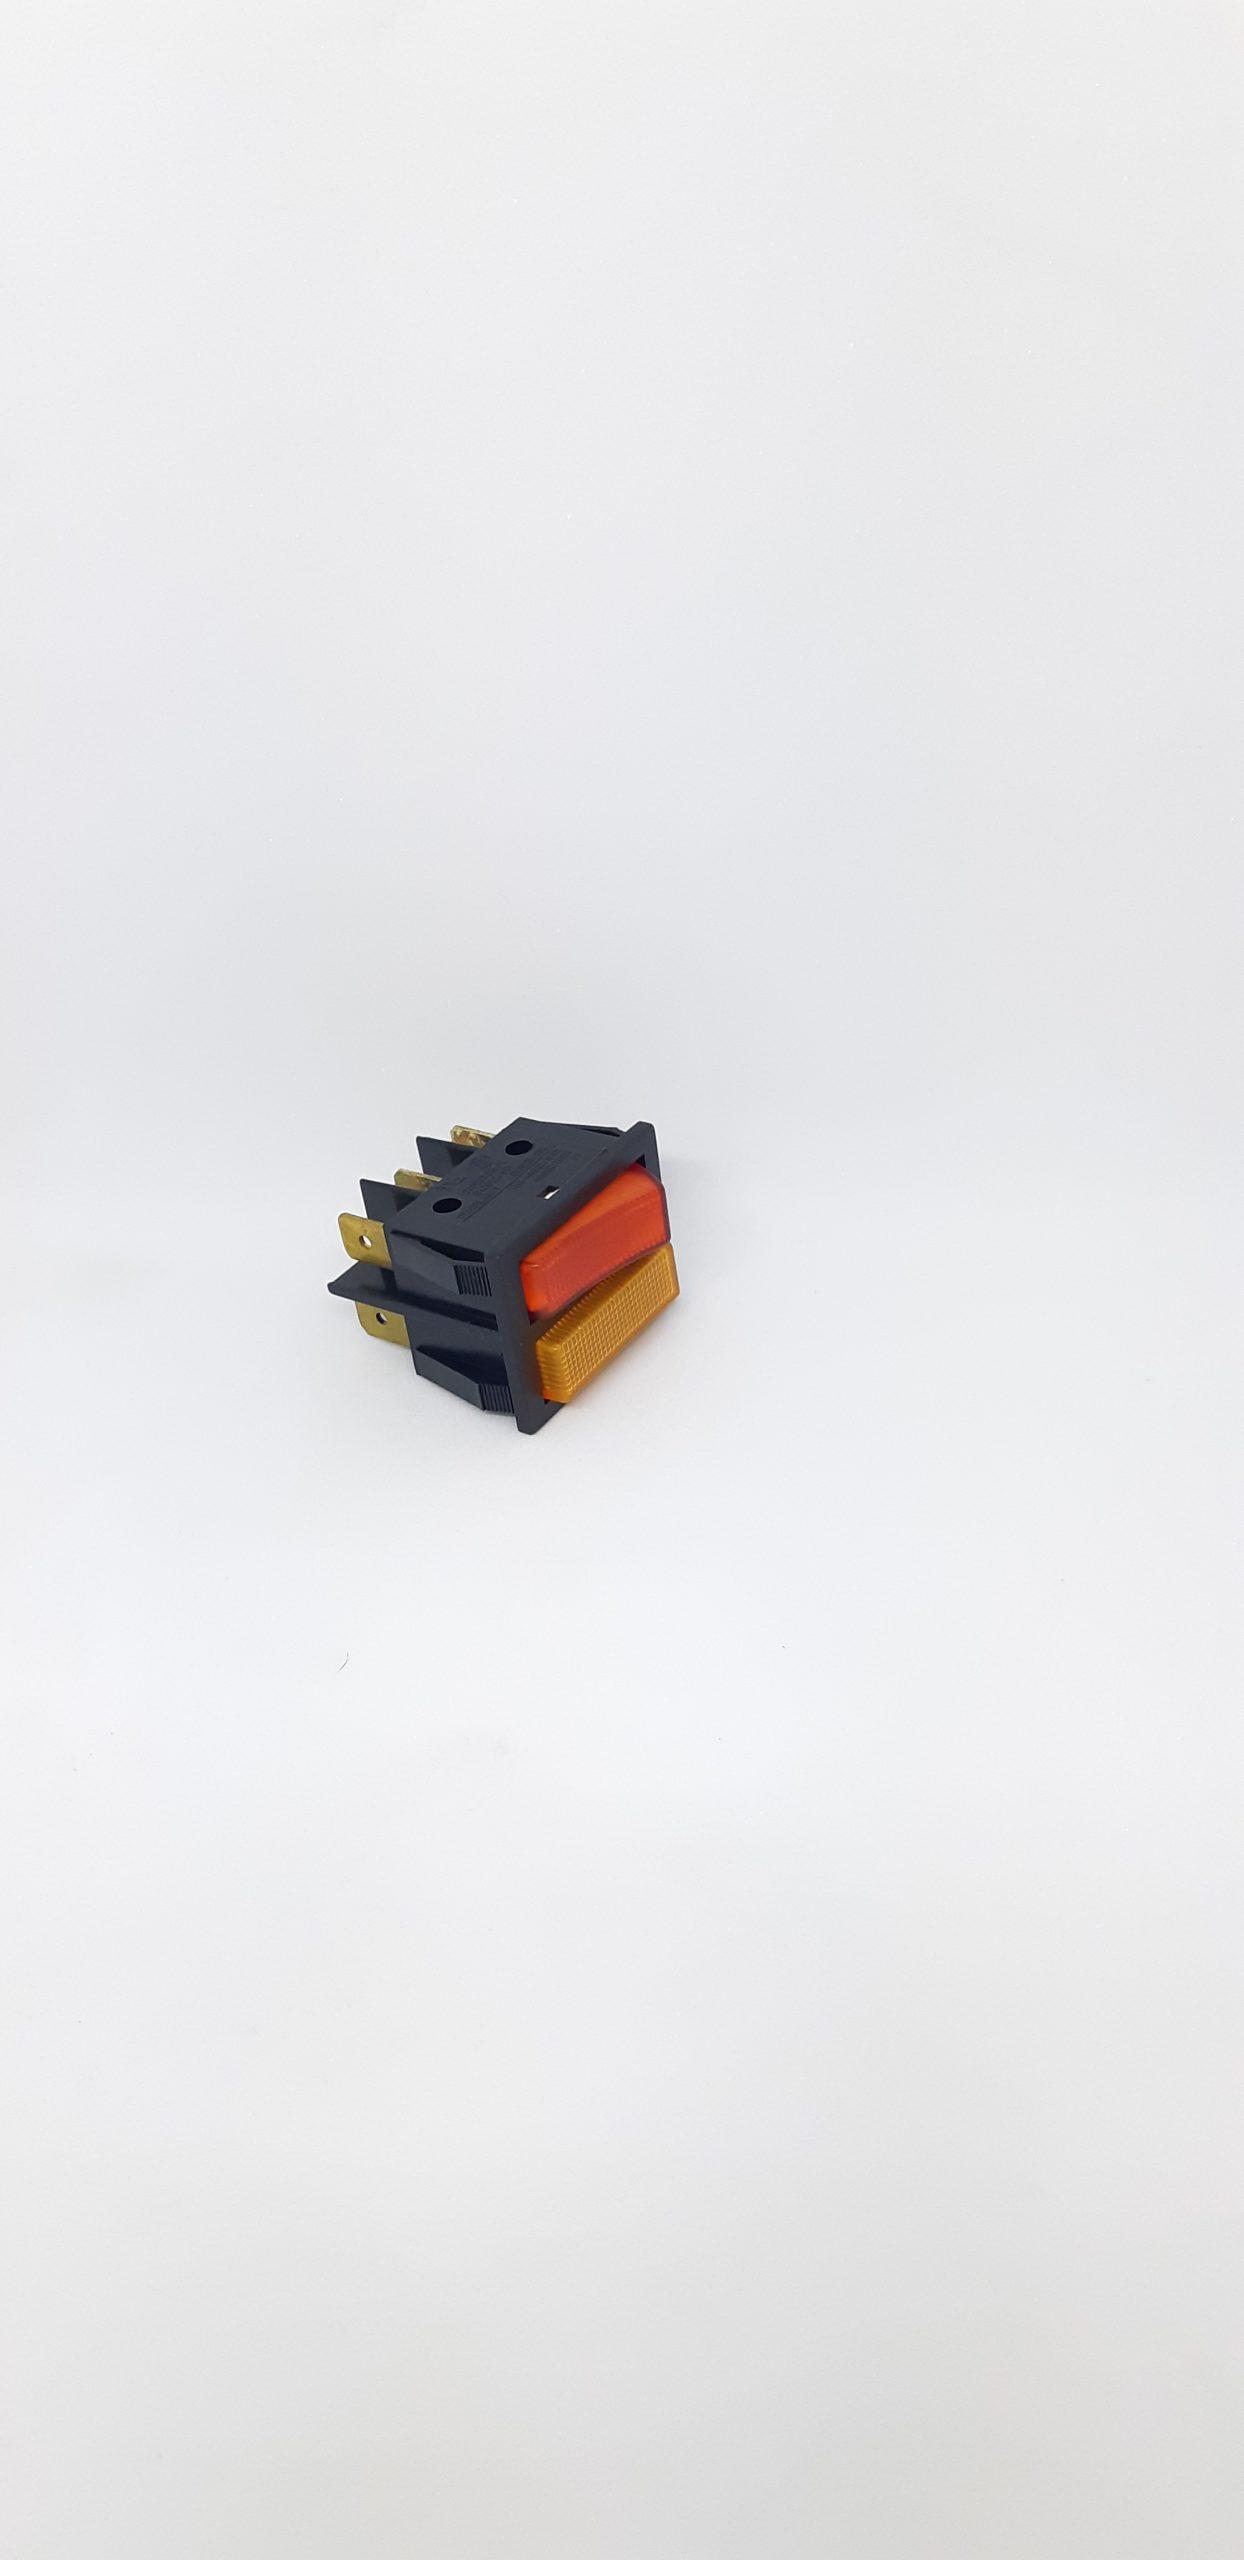 Главен ключ за вкл. LB800 - 060006